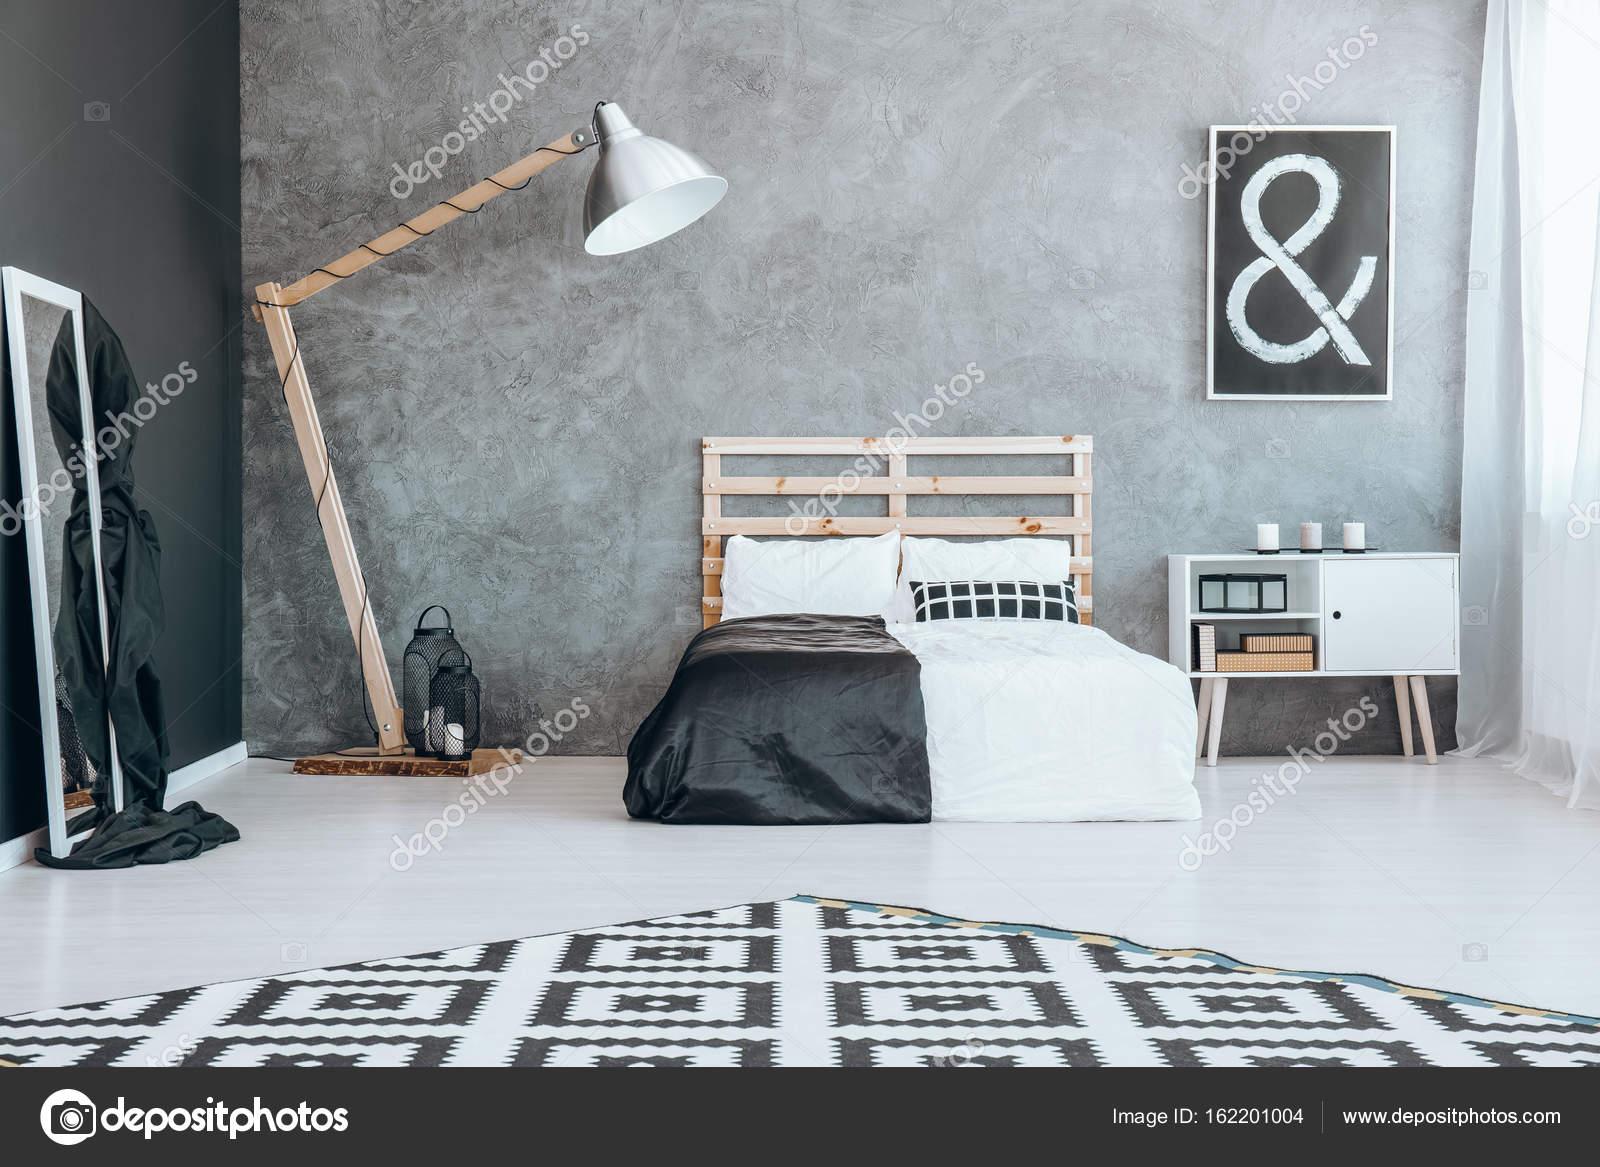 Spiegel in schwarz / weiß Schlafzimmer — Stockfoto © photographee.eu ...